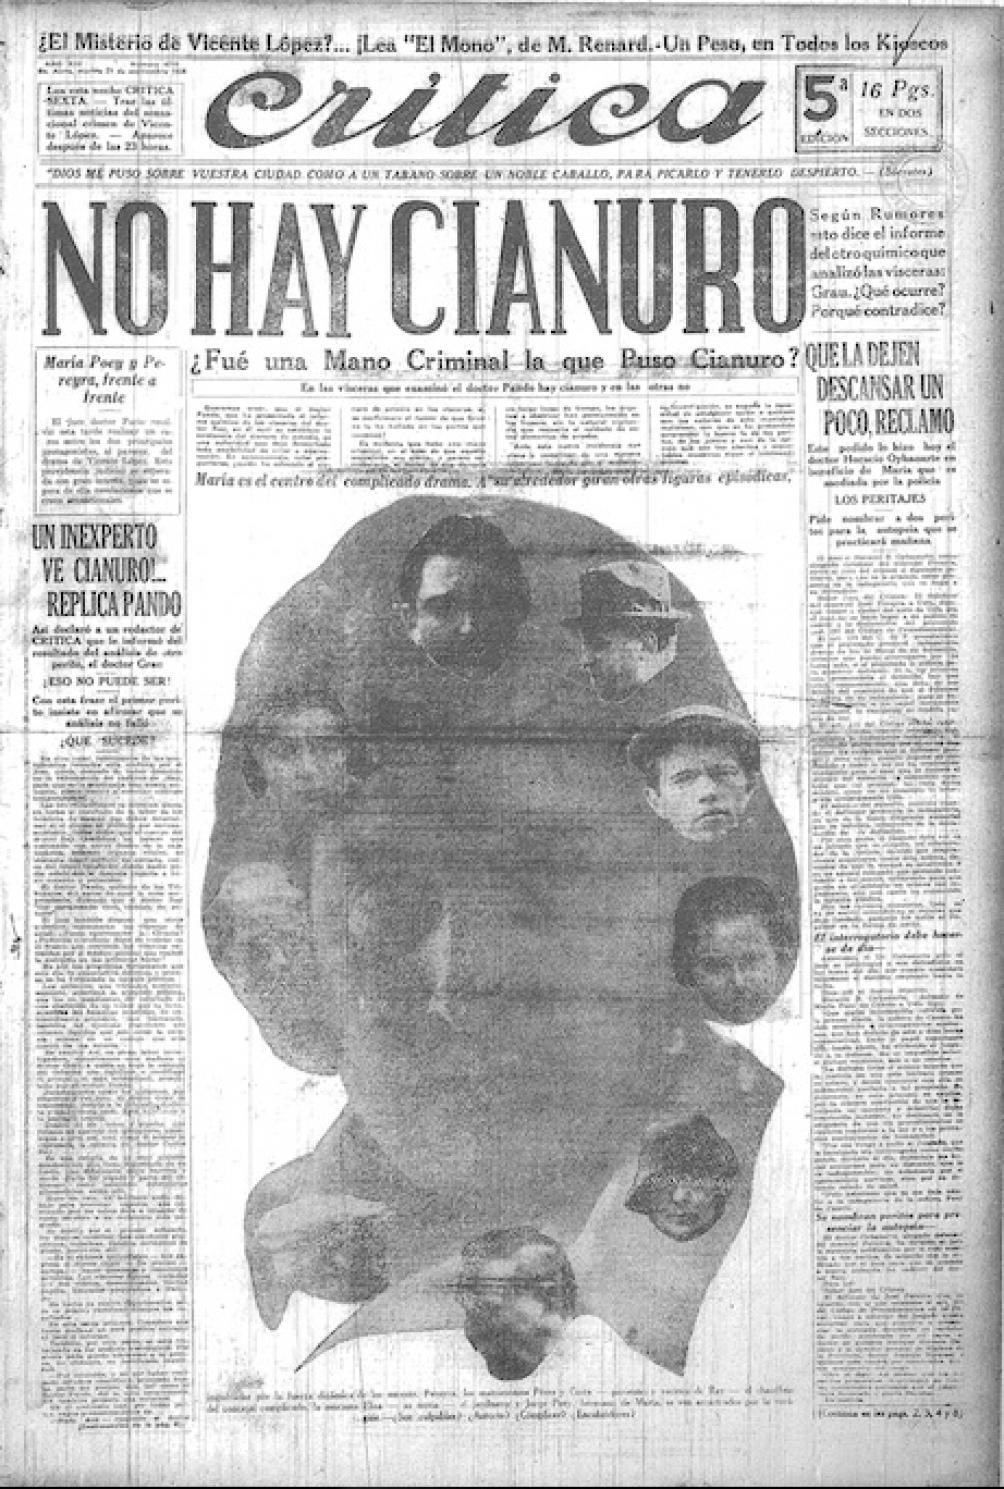 Una histórica tapa del diario de Botana: en 1926, GGG esclareció la muerte del concejal de la UCR, Carlos Ray.